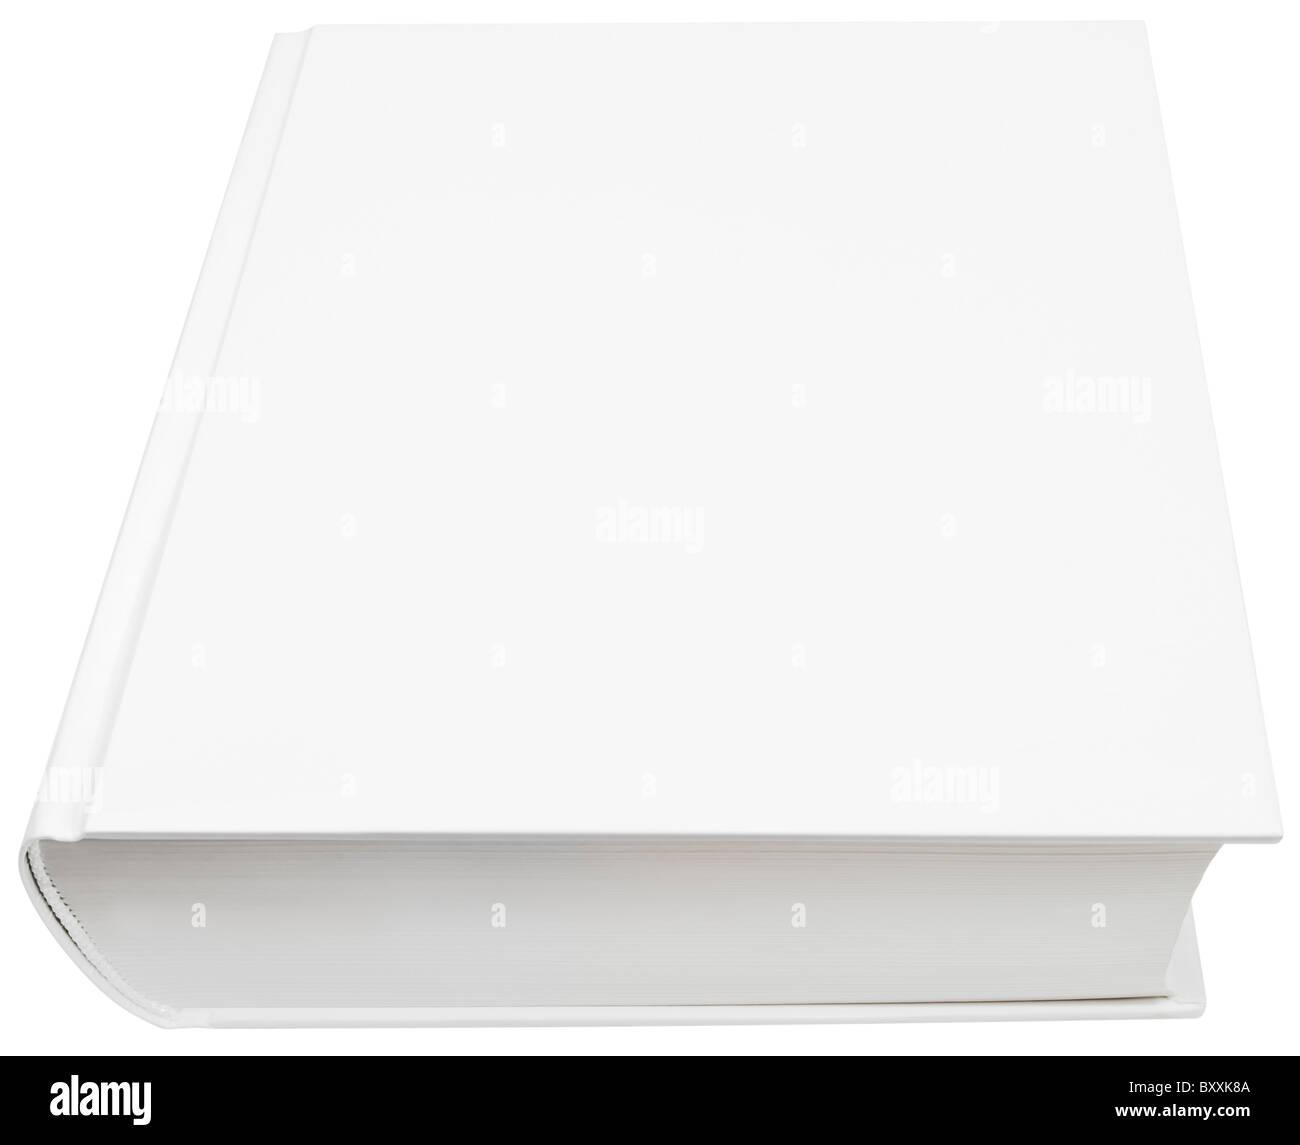 Immagine della schermata bianca vuota hard copertina del libro isolato con tracciato di ritaglio Immagini Stock